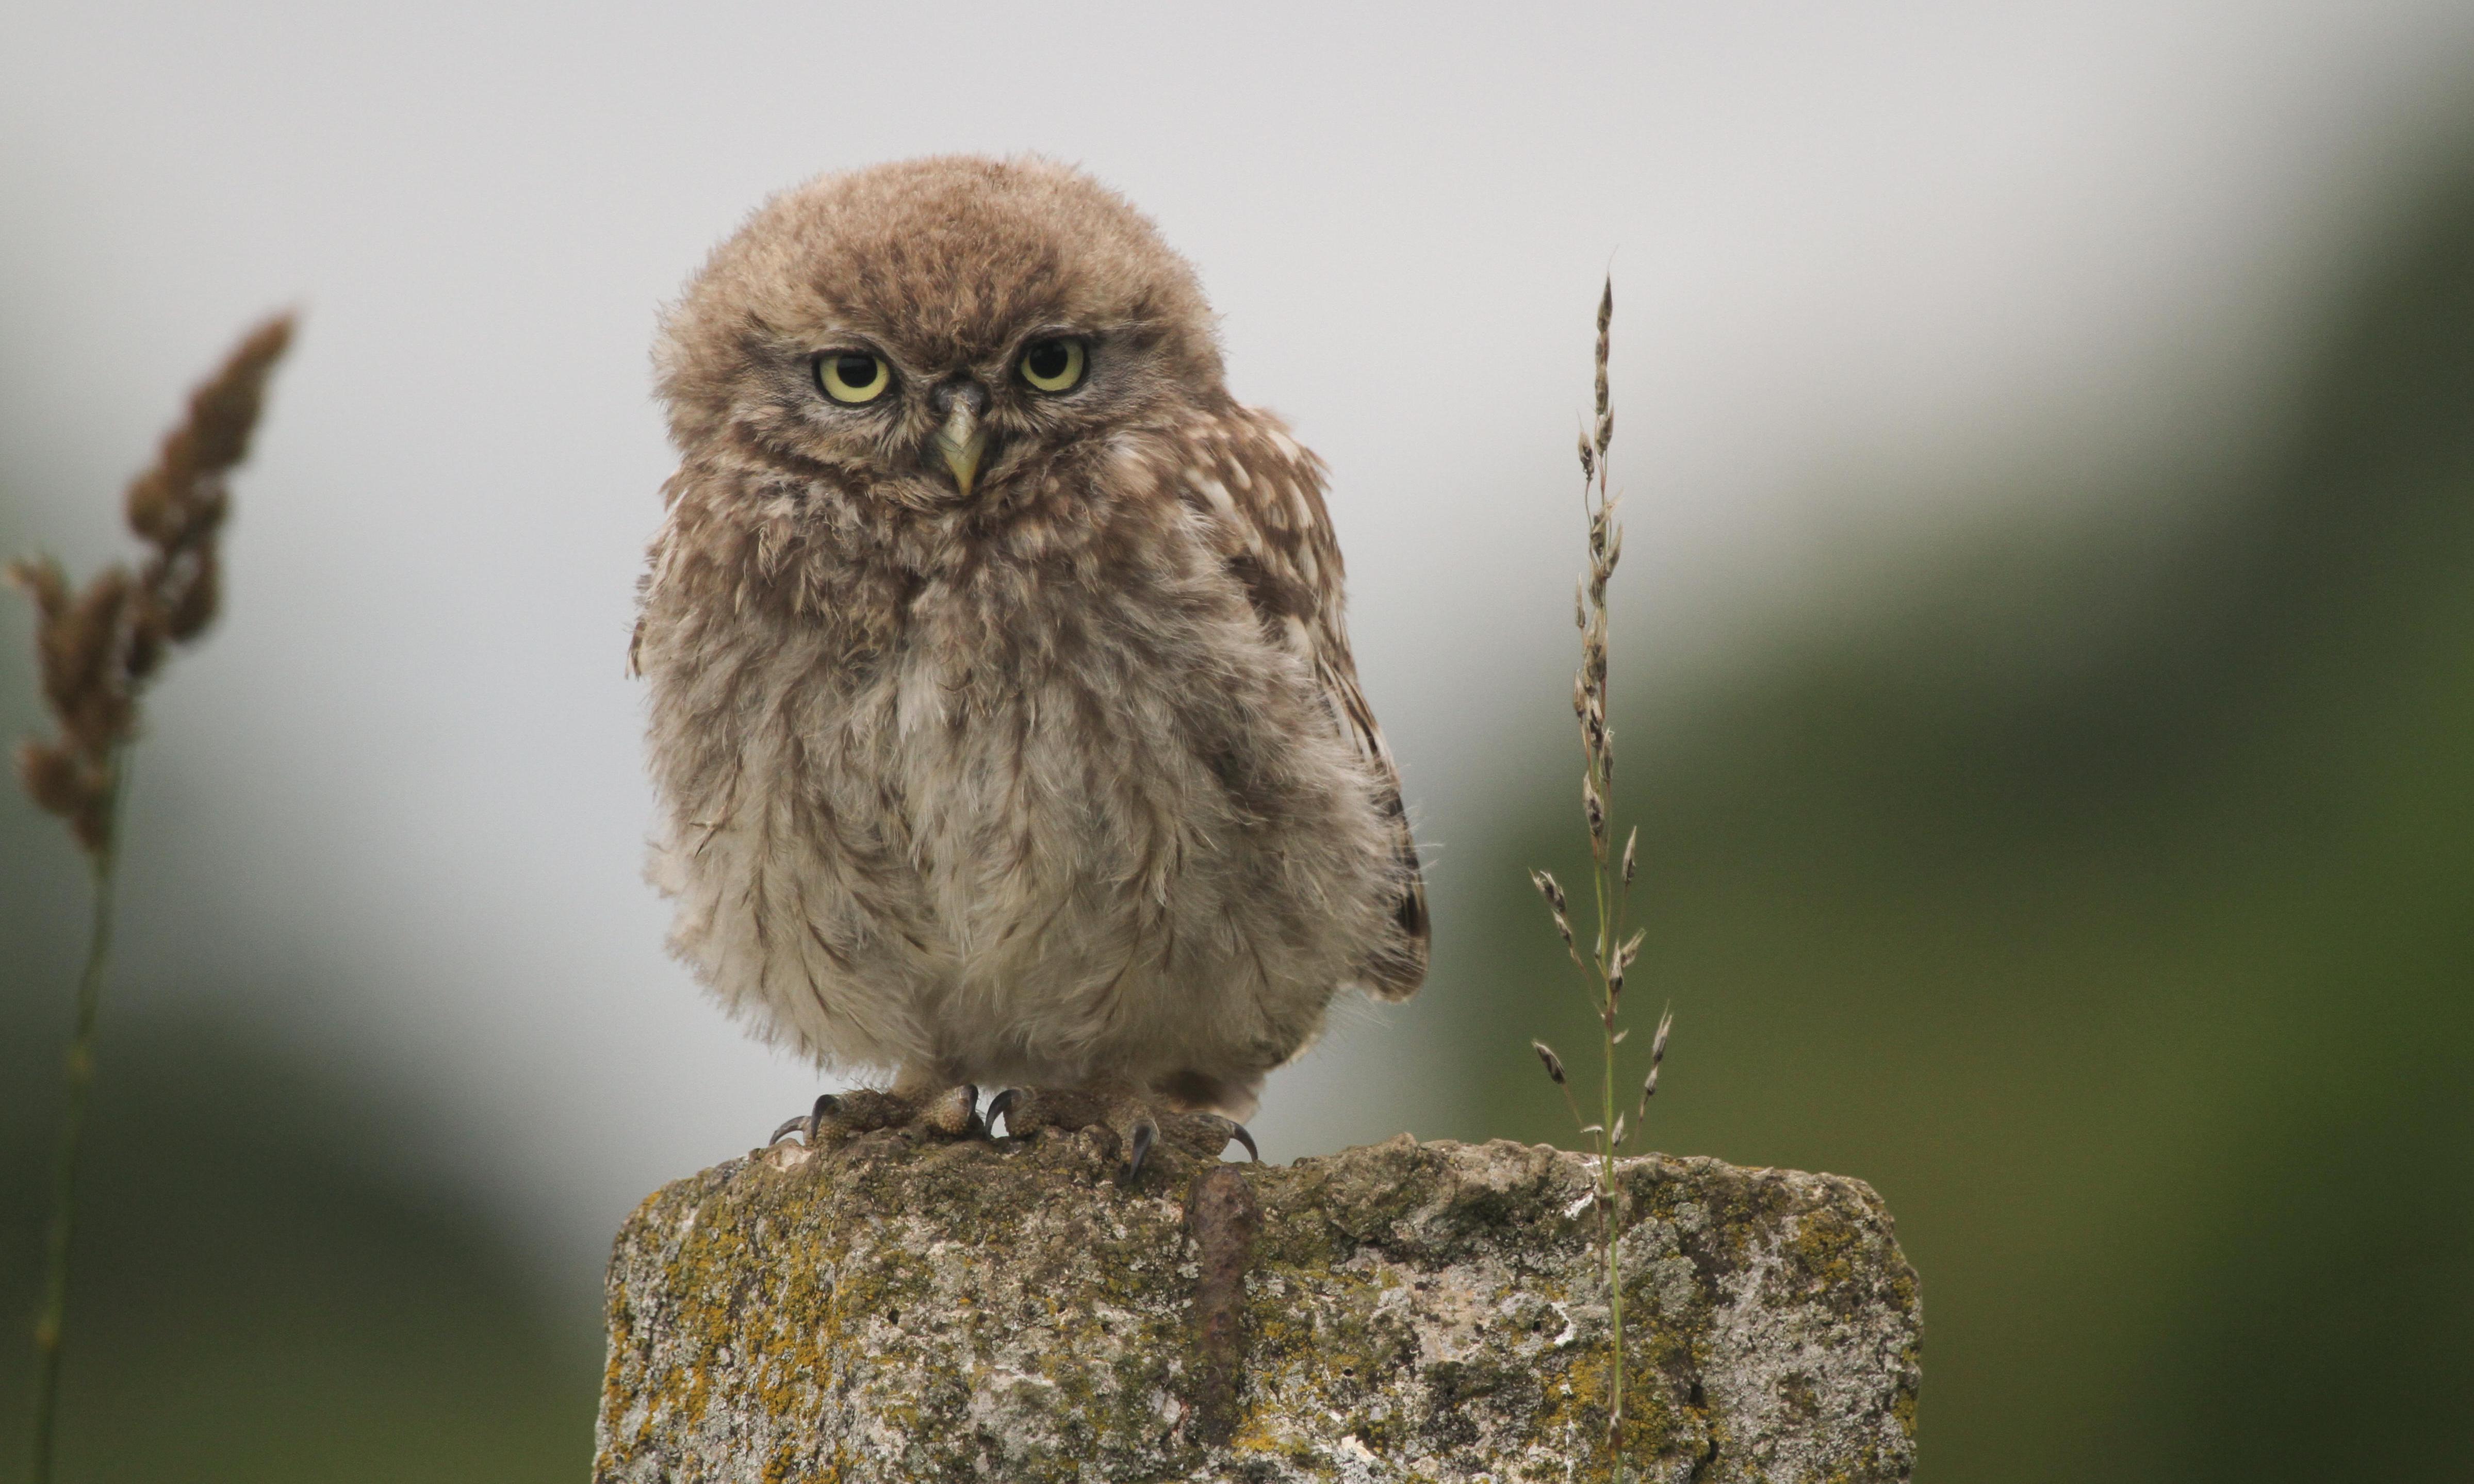 Birdwatch: owl be your baby tonight